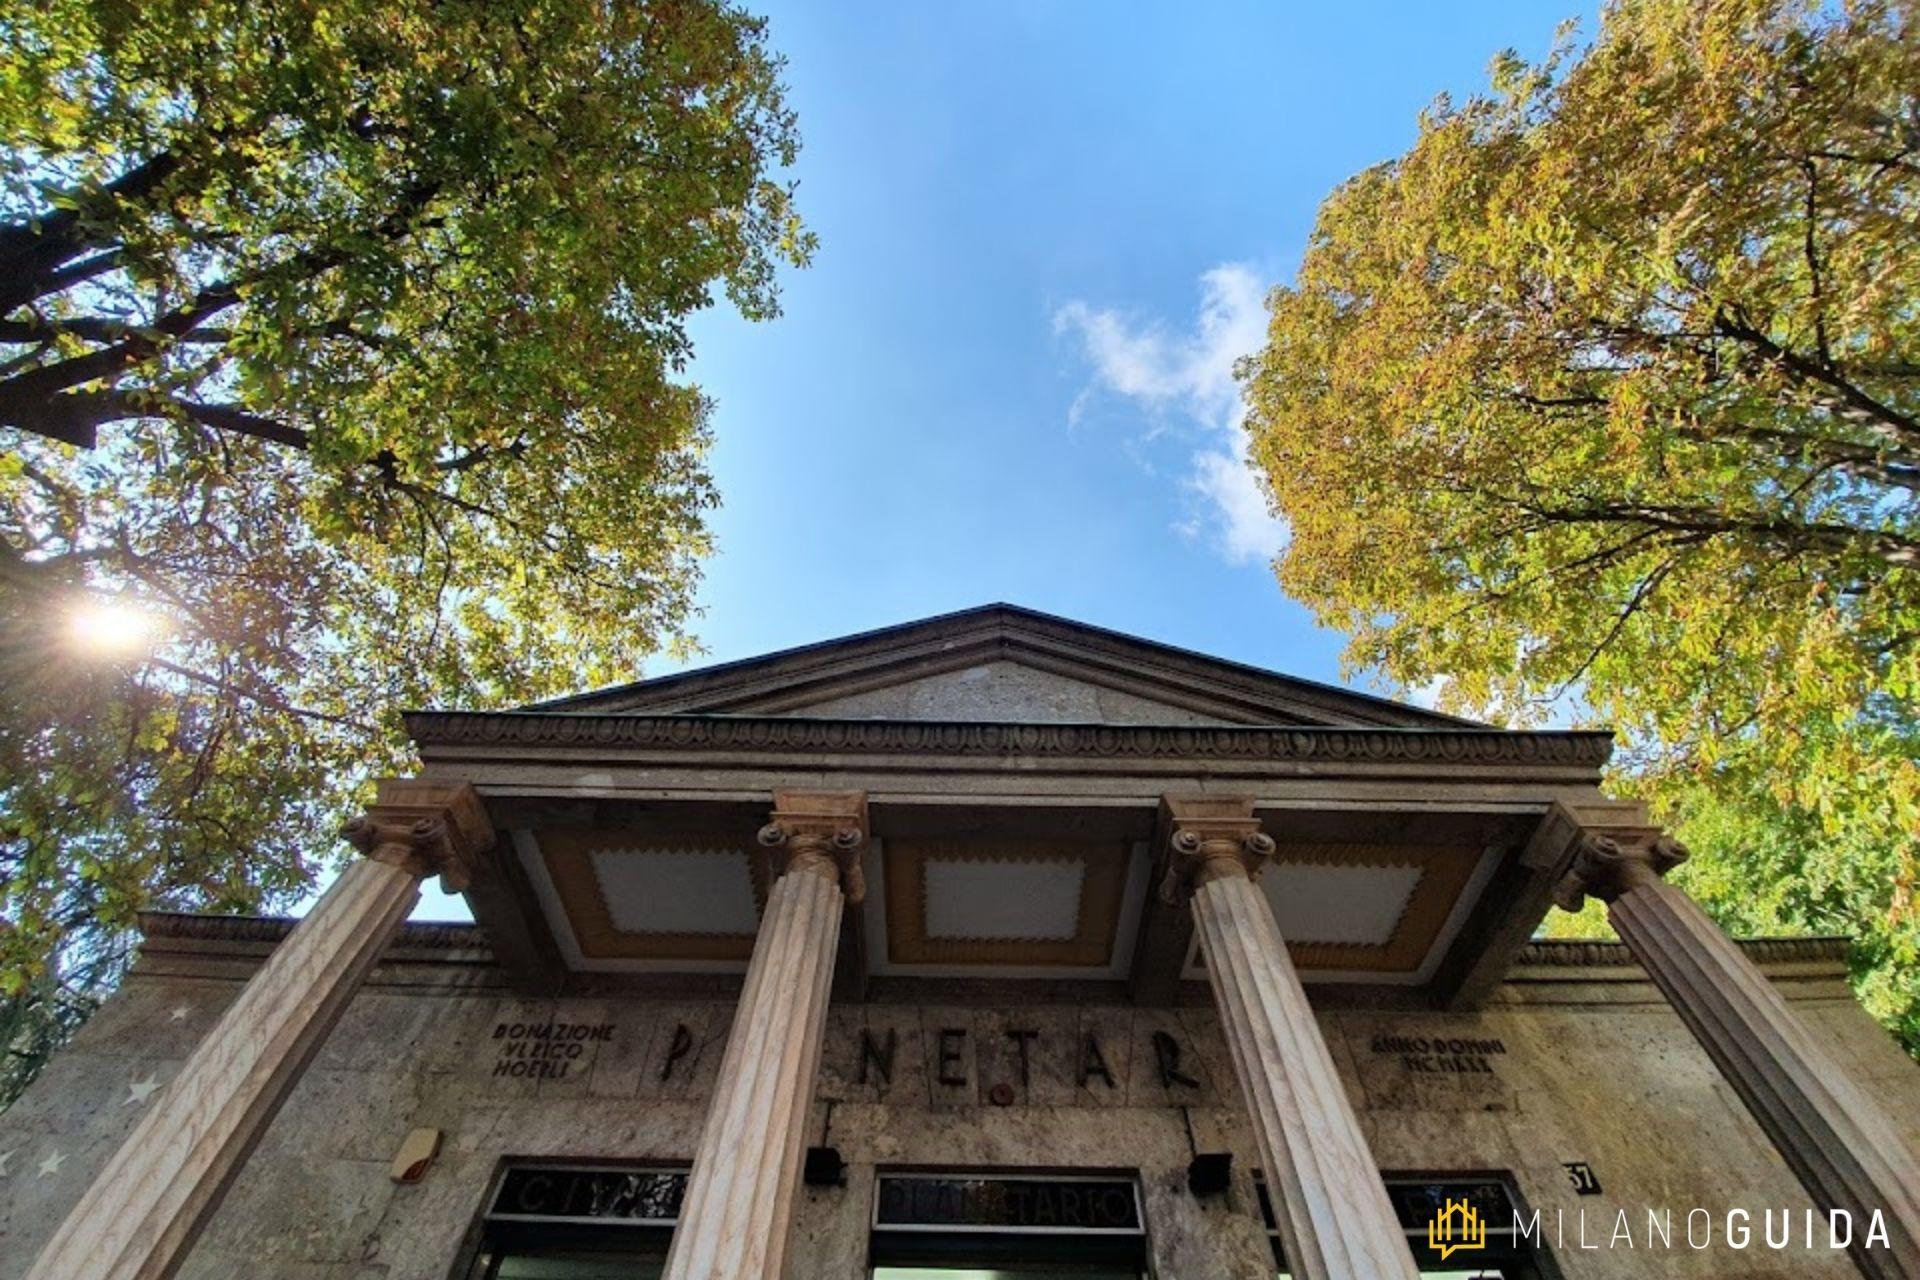 Giardini Pubblici Milano Bambini